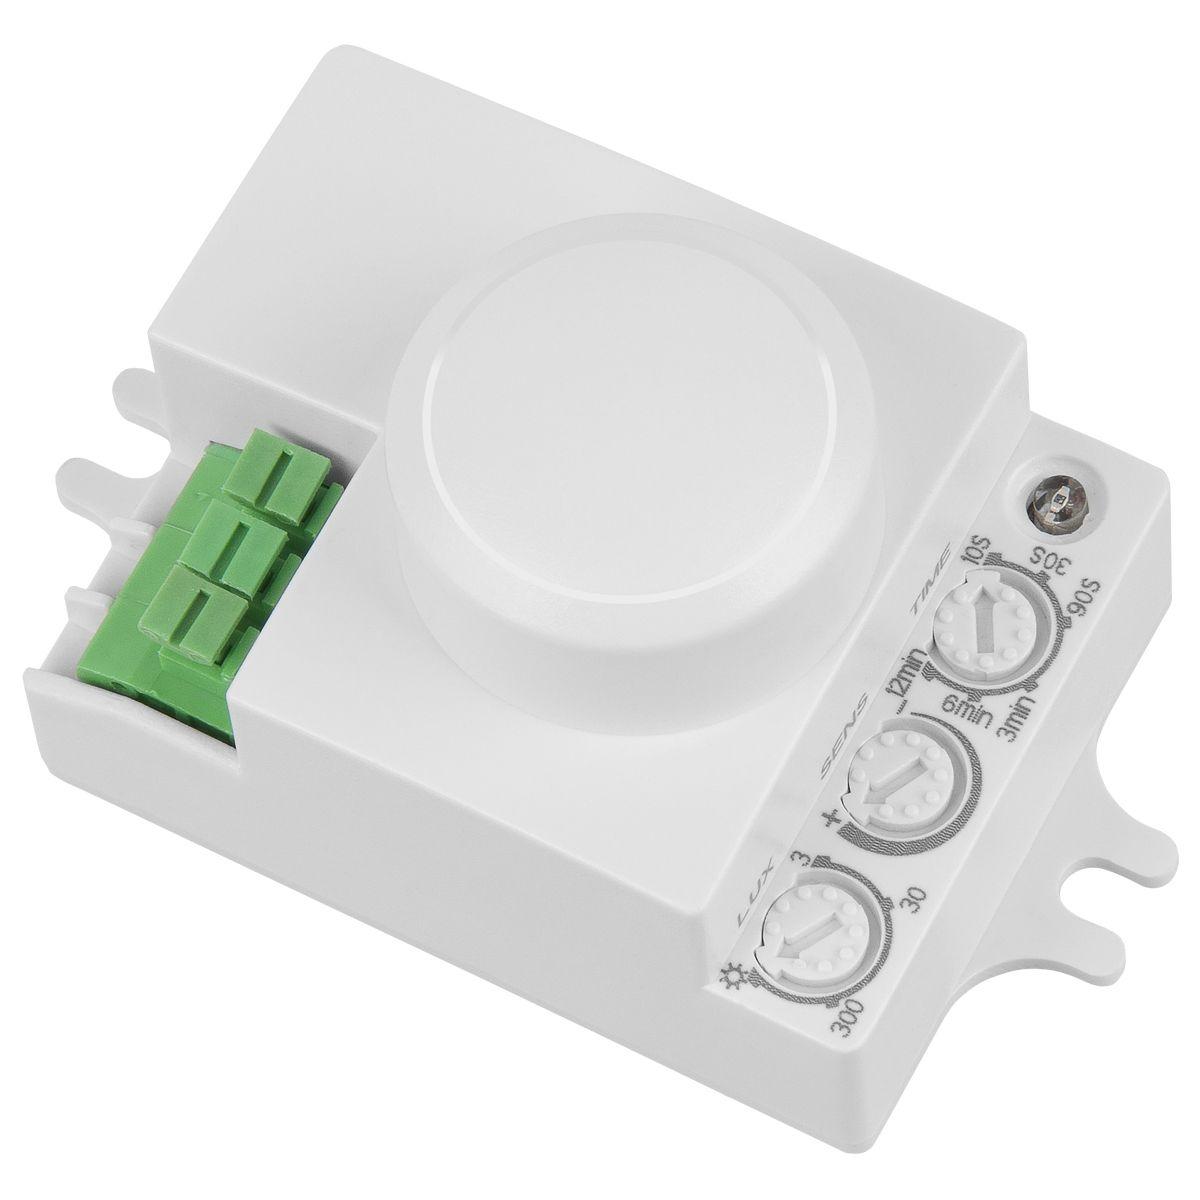 Микроволновый датчик движения 8м 1200W 360 IP20 SNS-M-06